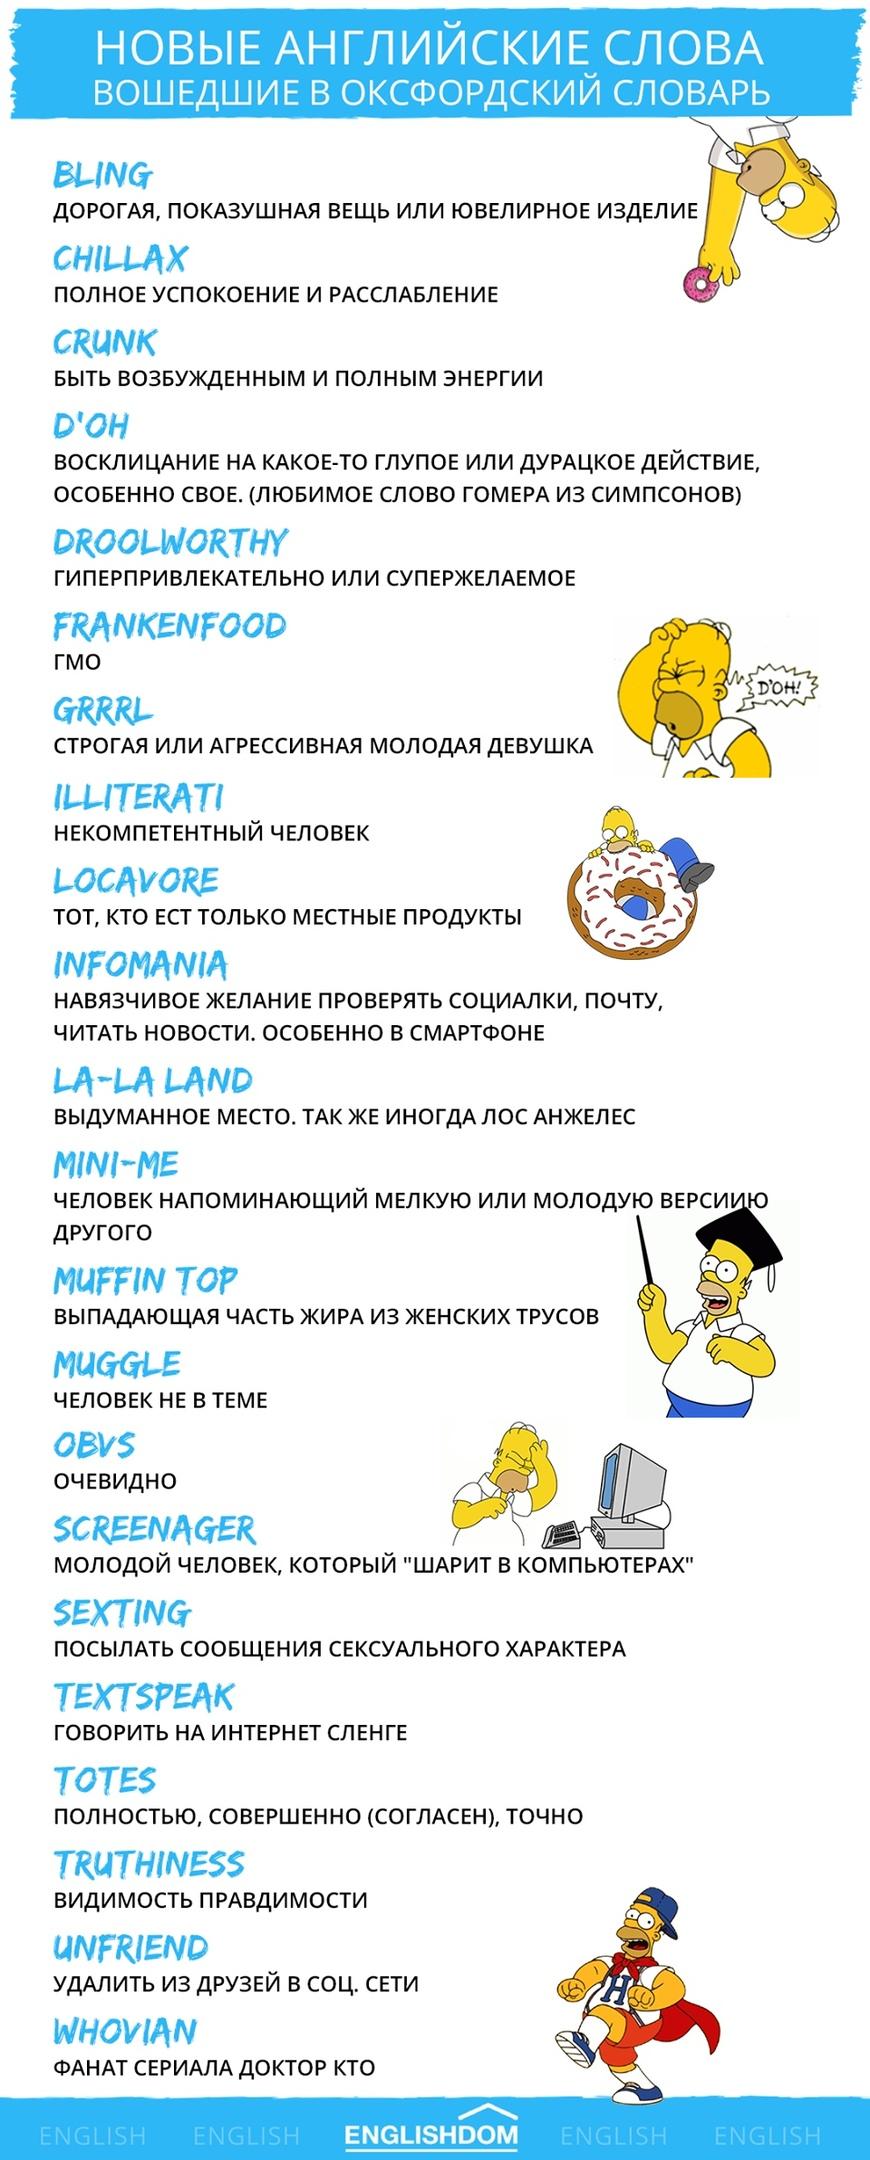 Новые английские слова, вошедшие в Оксфордский словарь